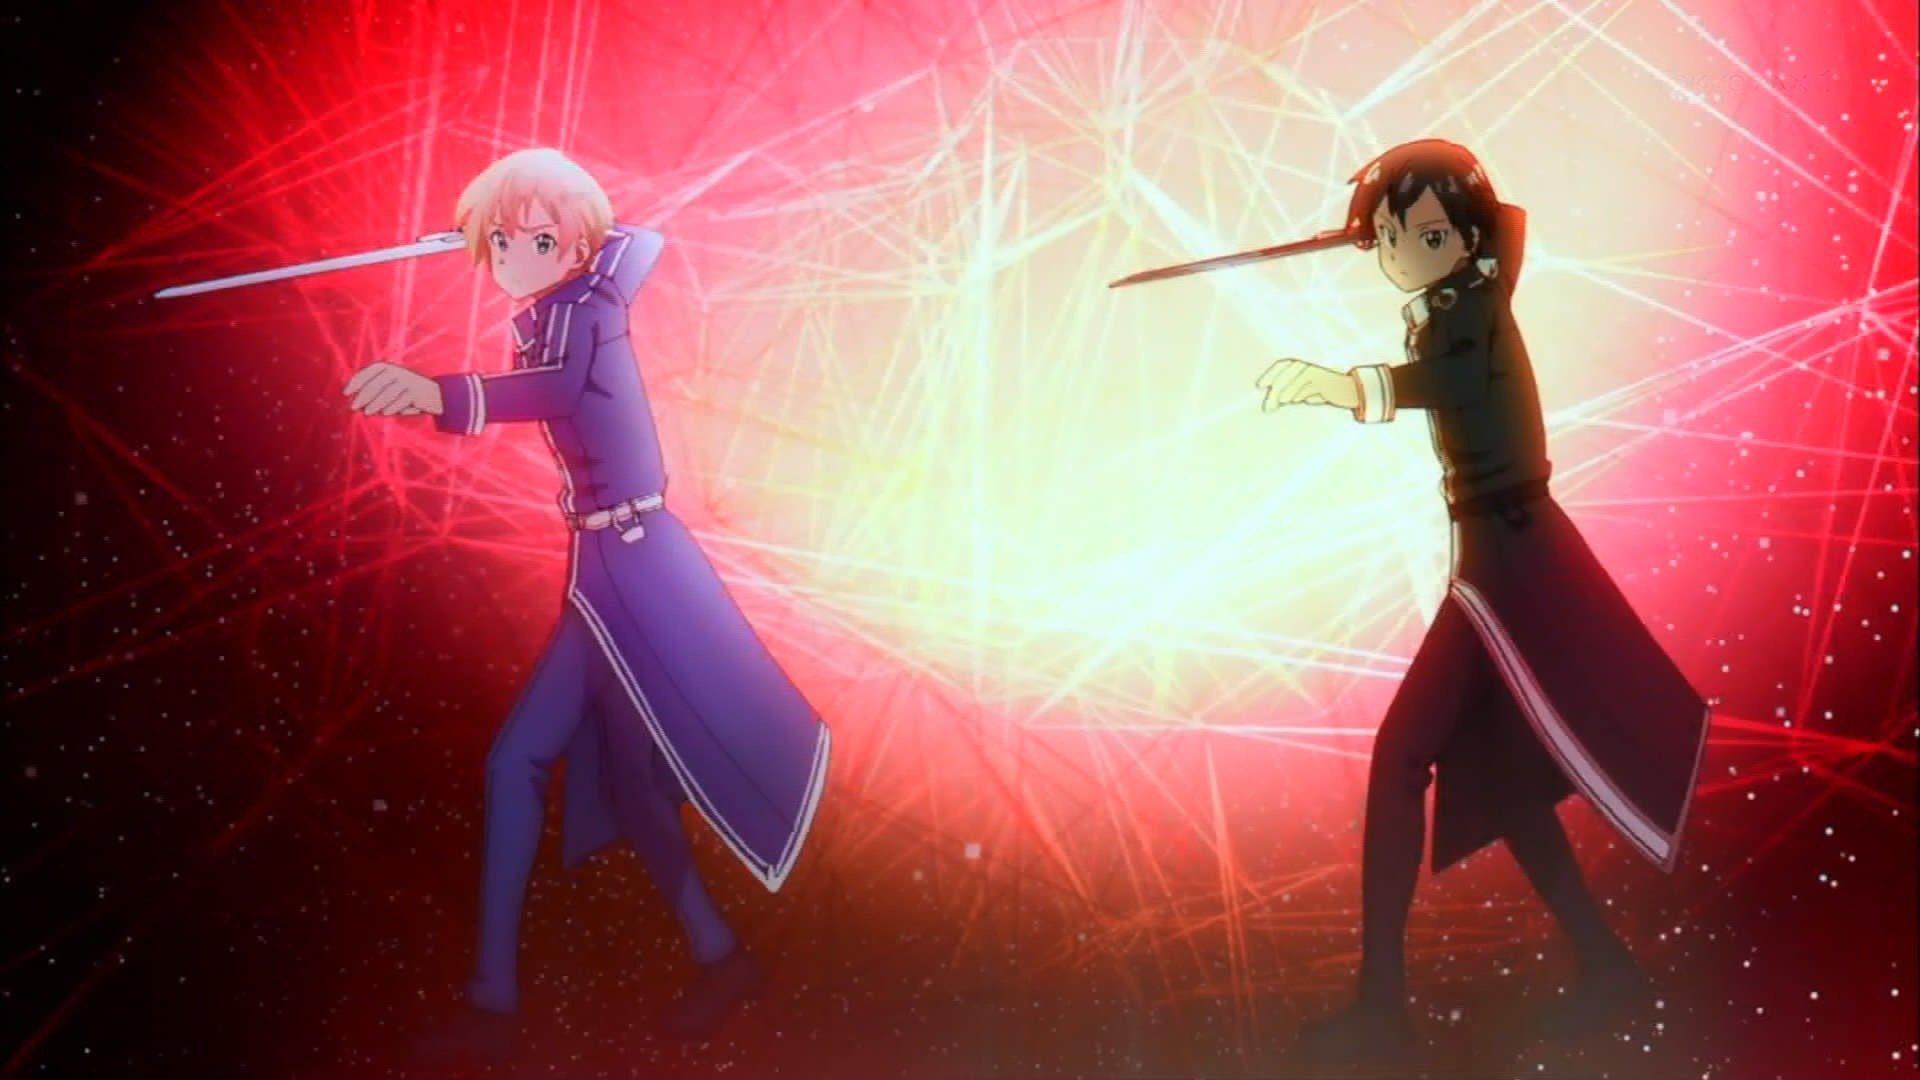 OP変わってて泣いた…… #sao_anime https://t.co/HEEfXlPNkr